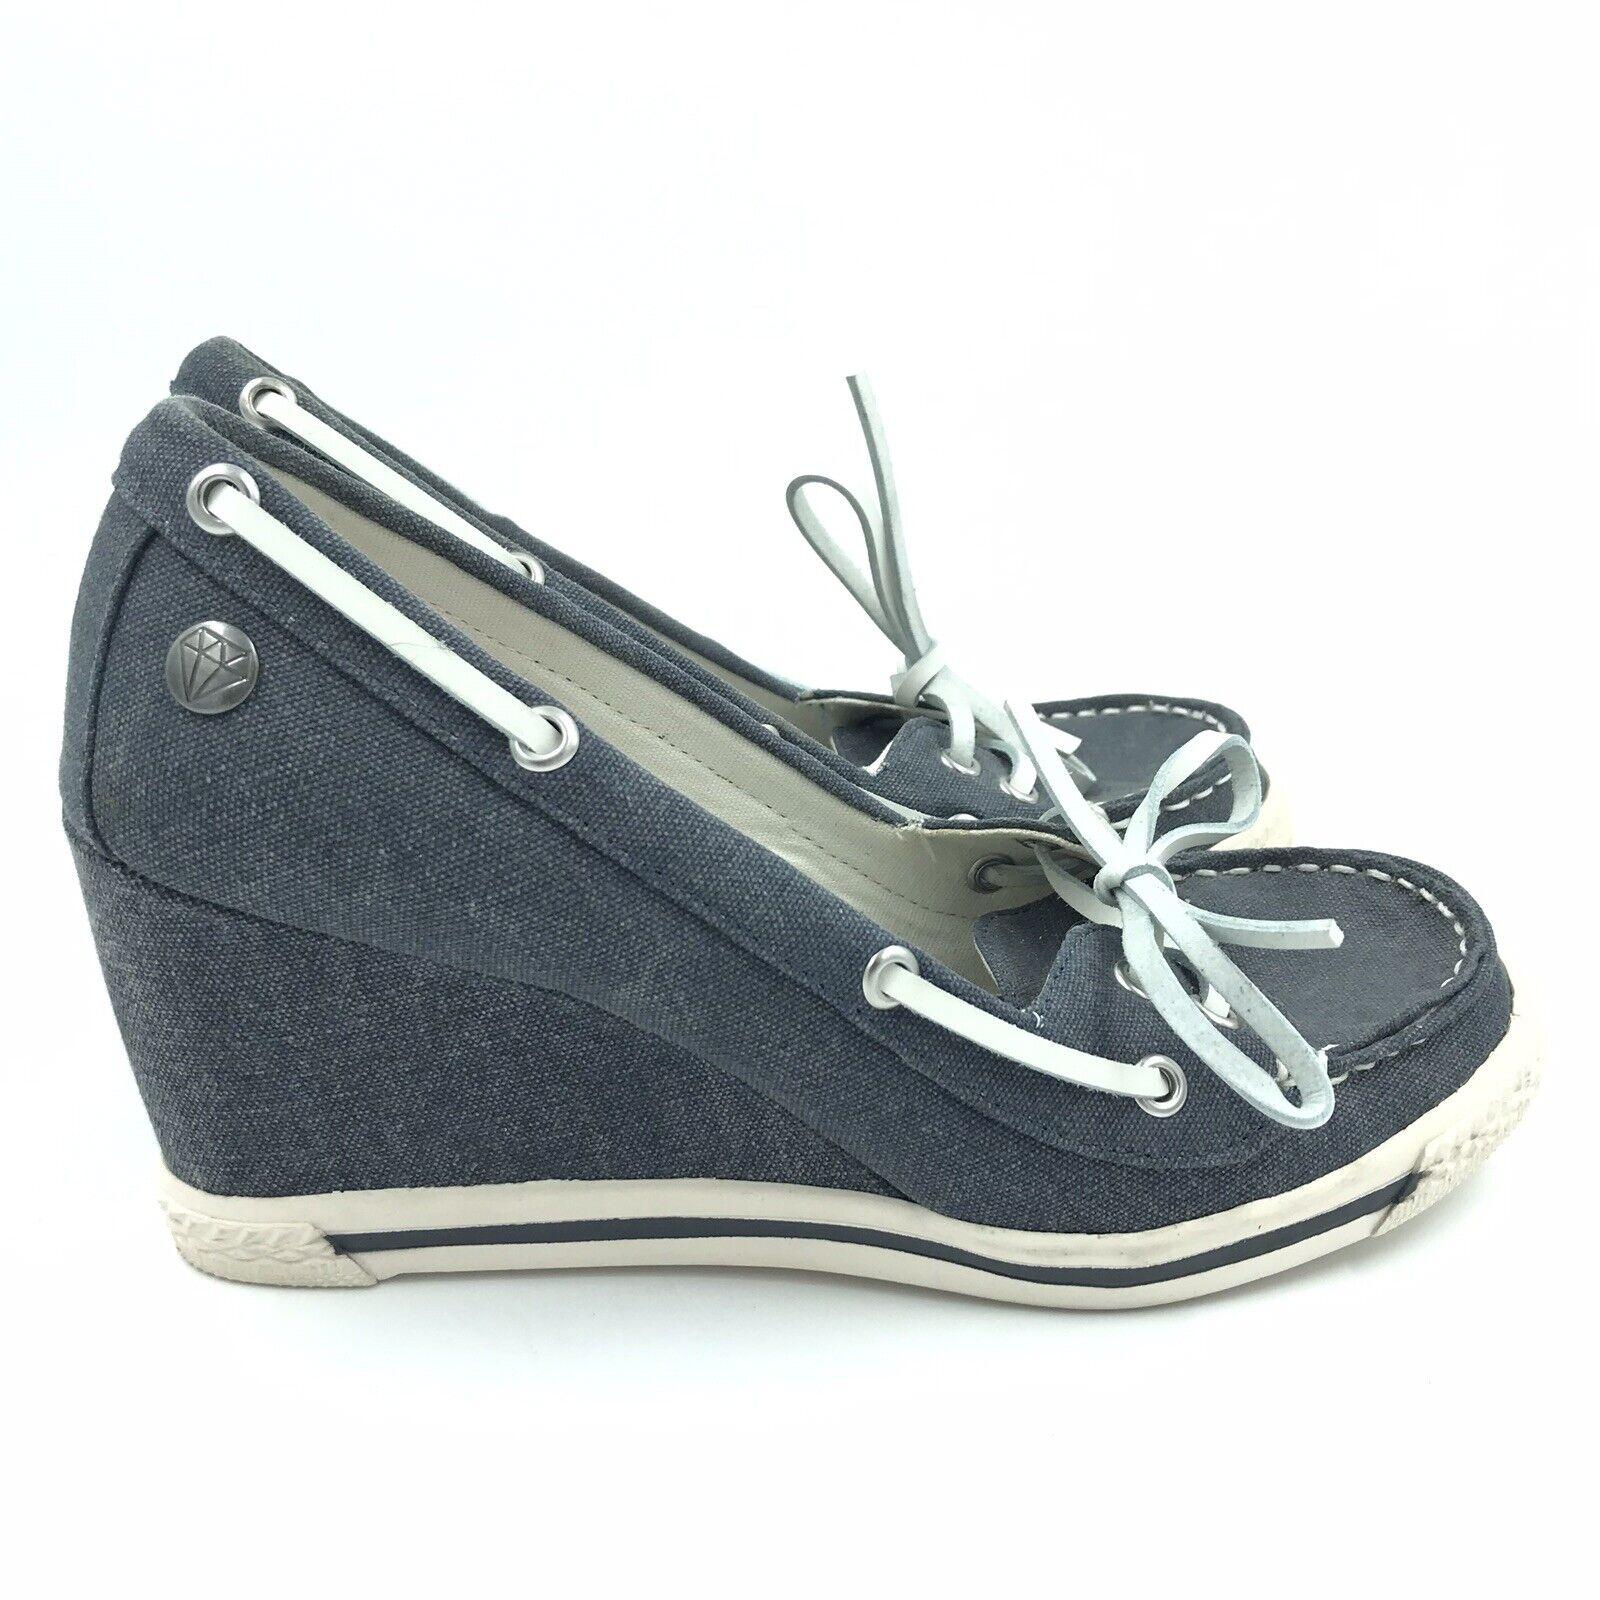 Rock & CANDY par Zigi Femme chaussures Sz 9 hommega Wedge Denim Toile bleu Unique